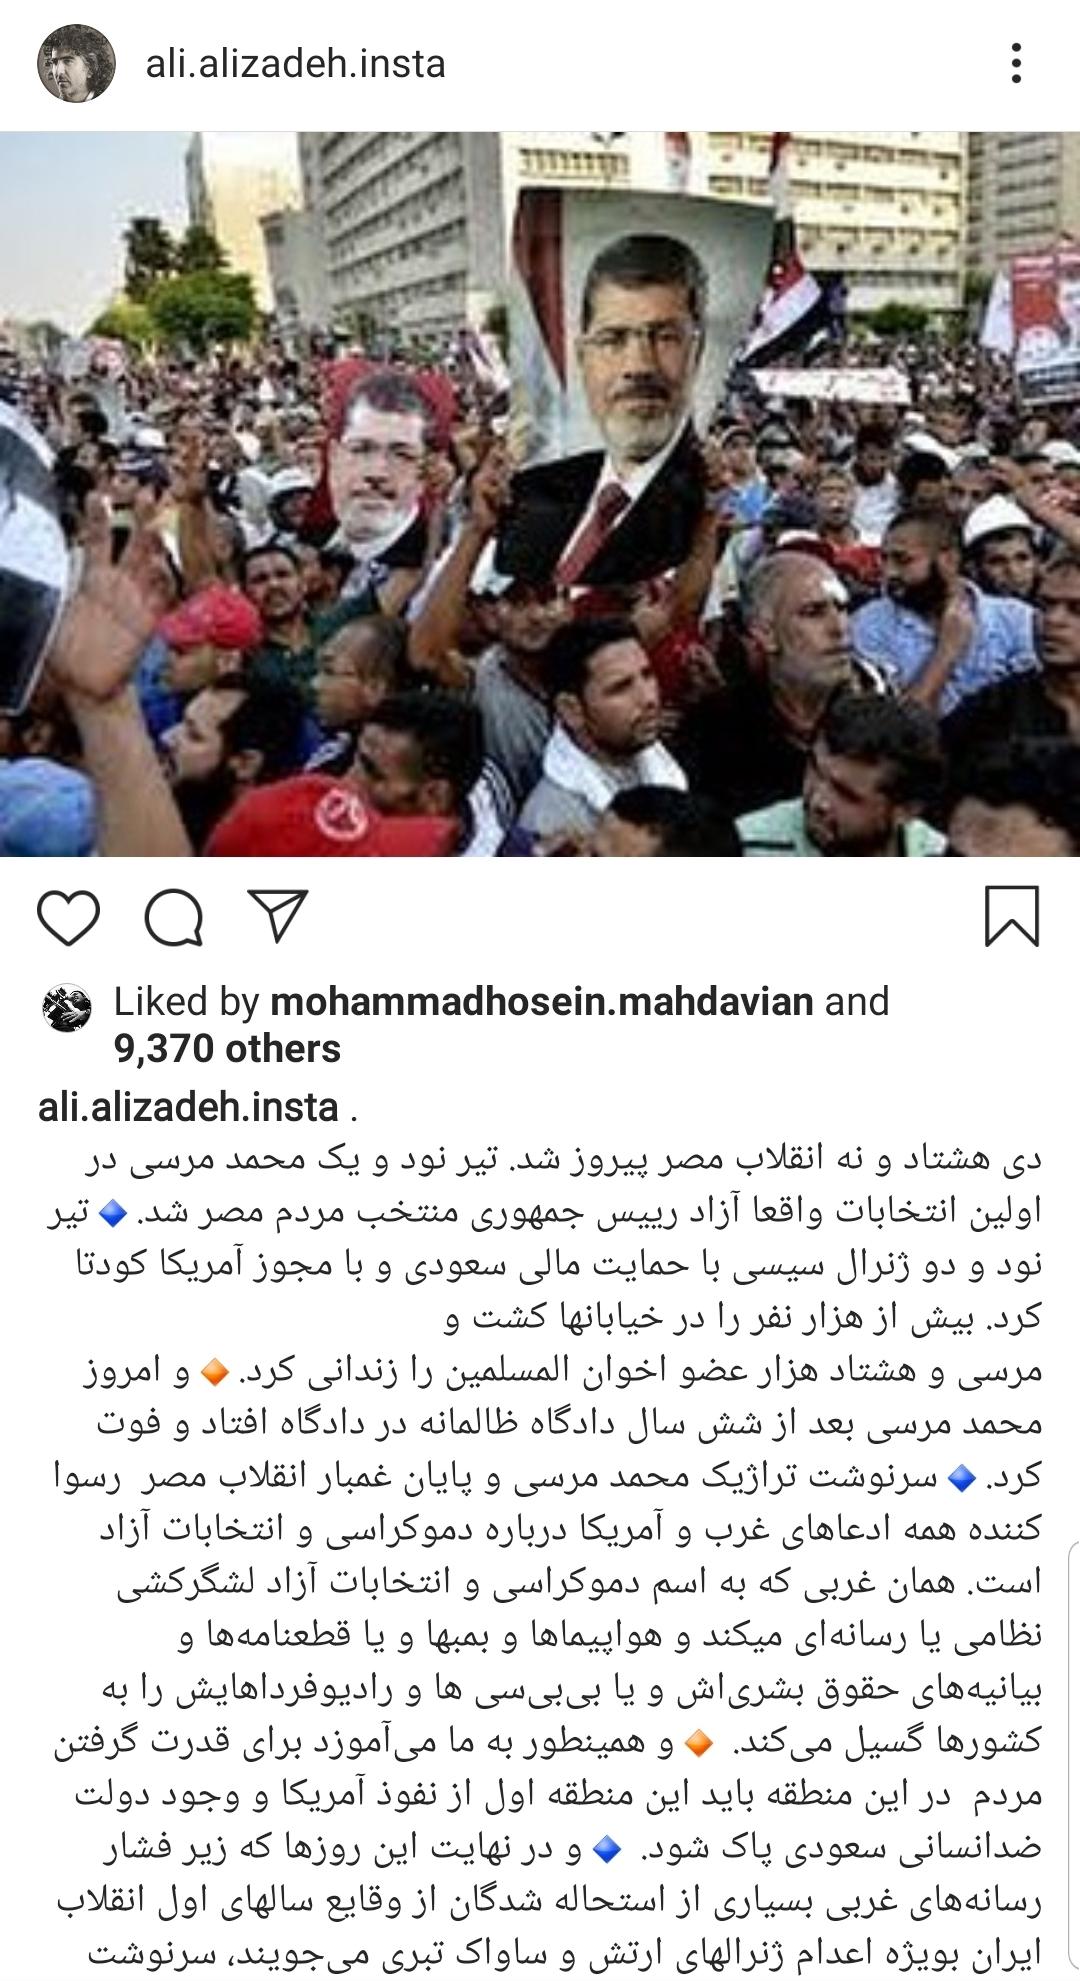 اگر نابغه ای همچون امام خمینی نبود انقلاب اسلامی یکساله نمی شد